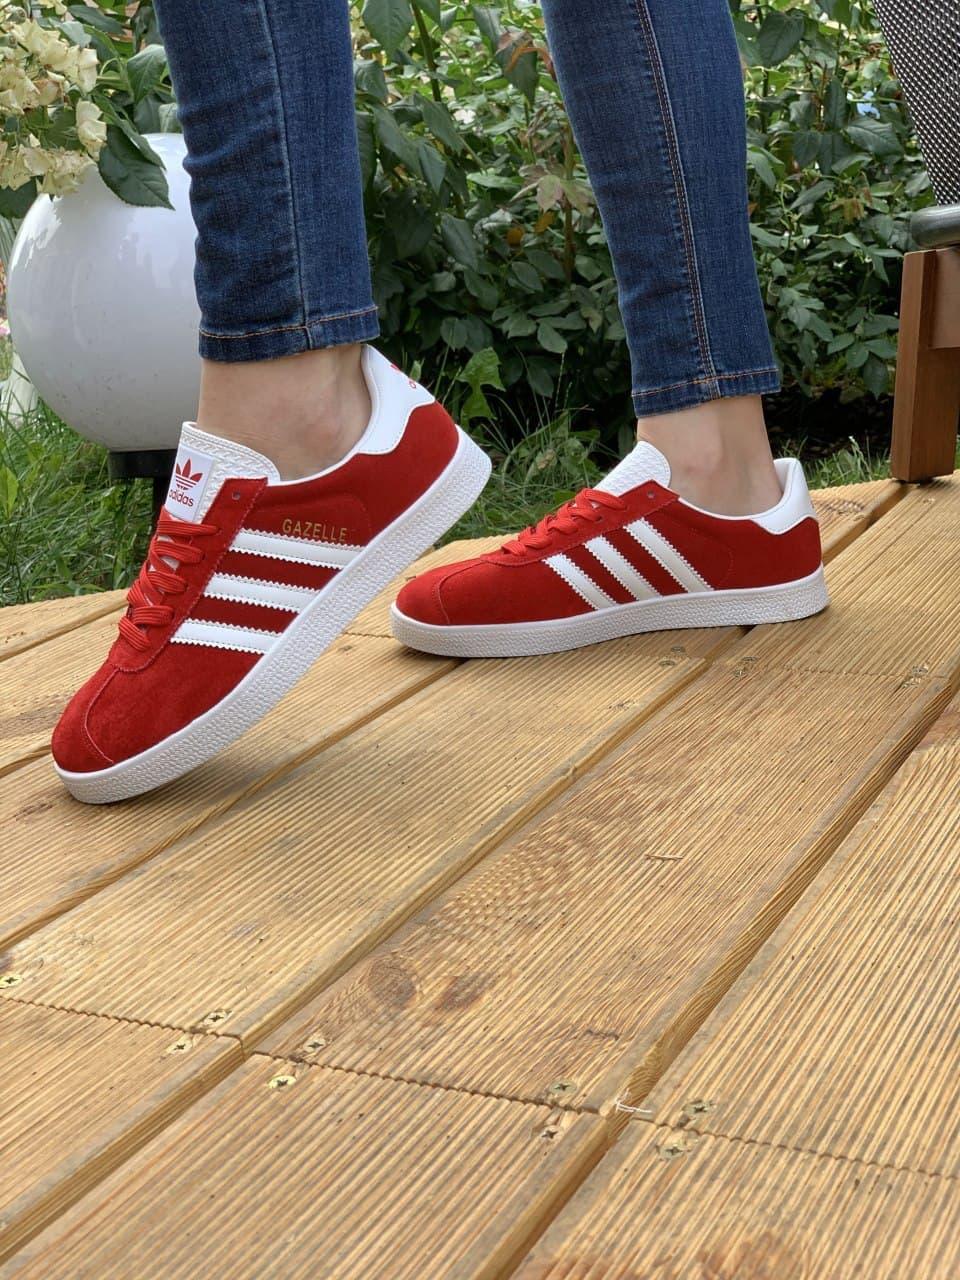 Жіночі Кросівки Adidas Gazelle red